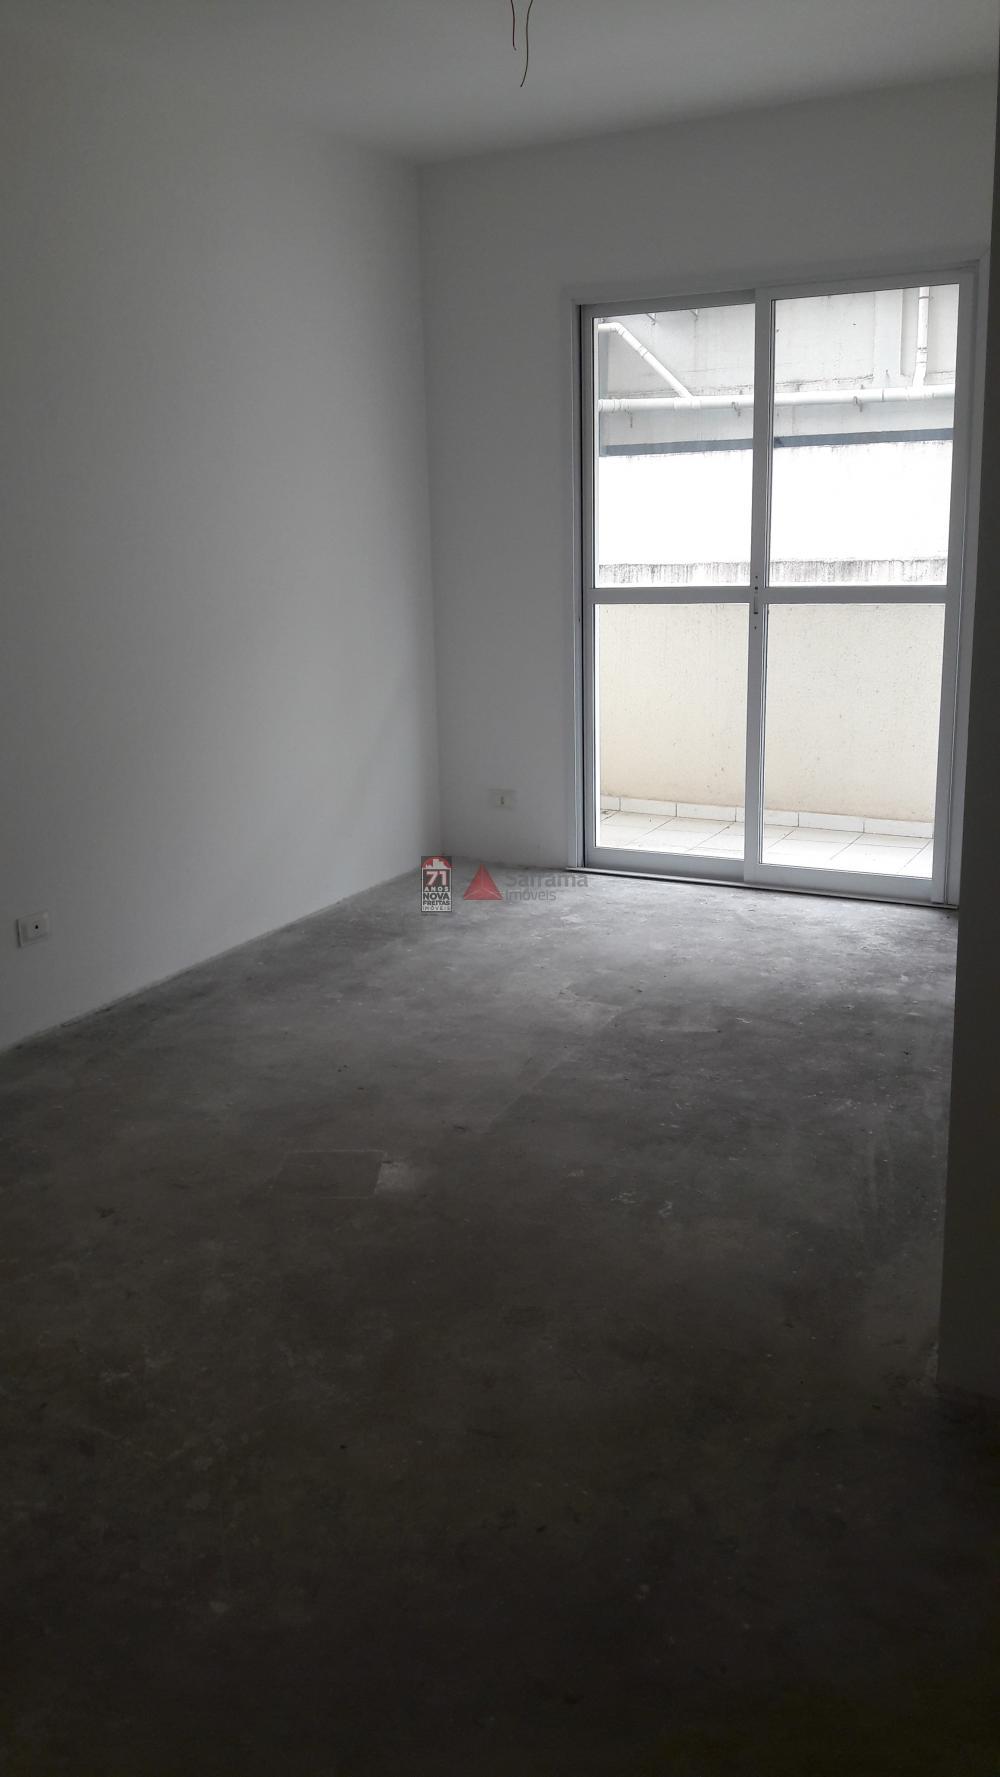 Comprar Apartamento / Padrão em São José dos Campos R$ 544.359,07 - Foto 2